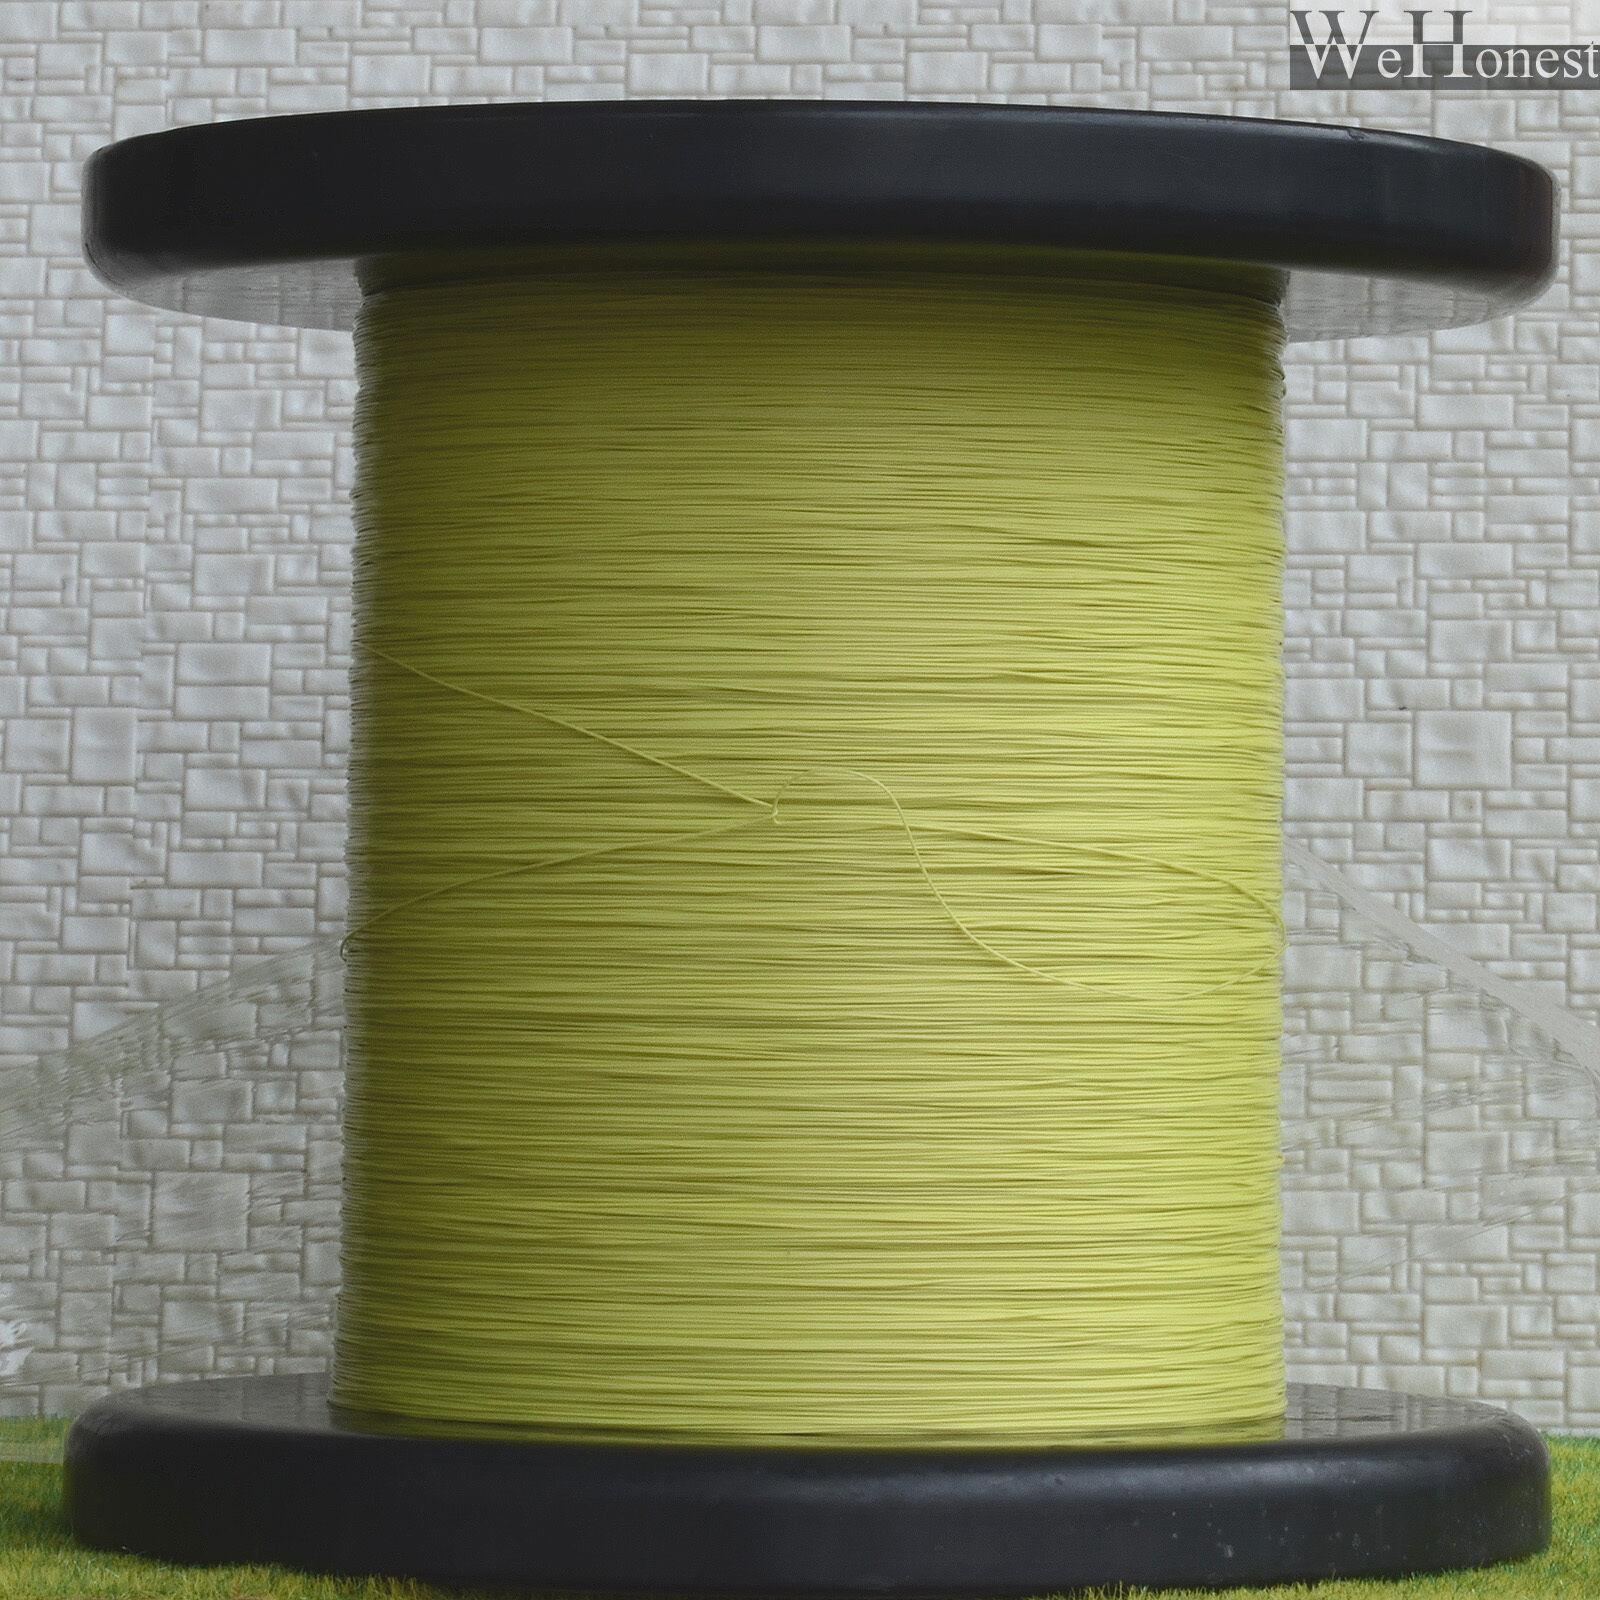 1000m Amarillo Trenzados Equipos Ultra Slim Cable Diám. 0,28 mm 0.011  Cables 7 0.05